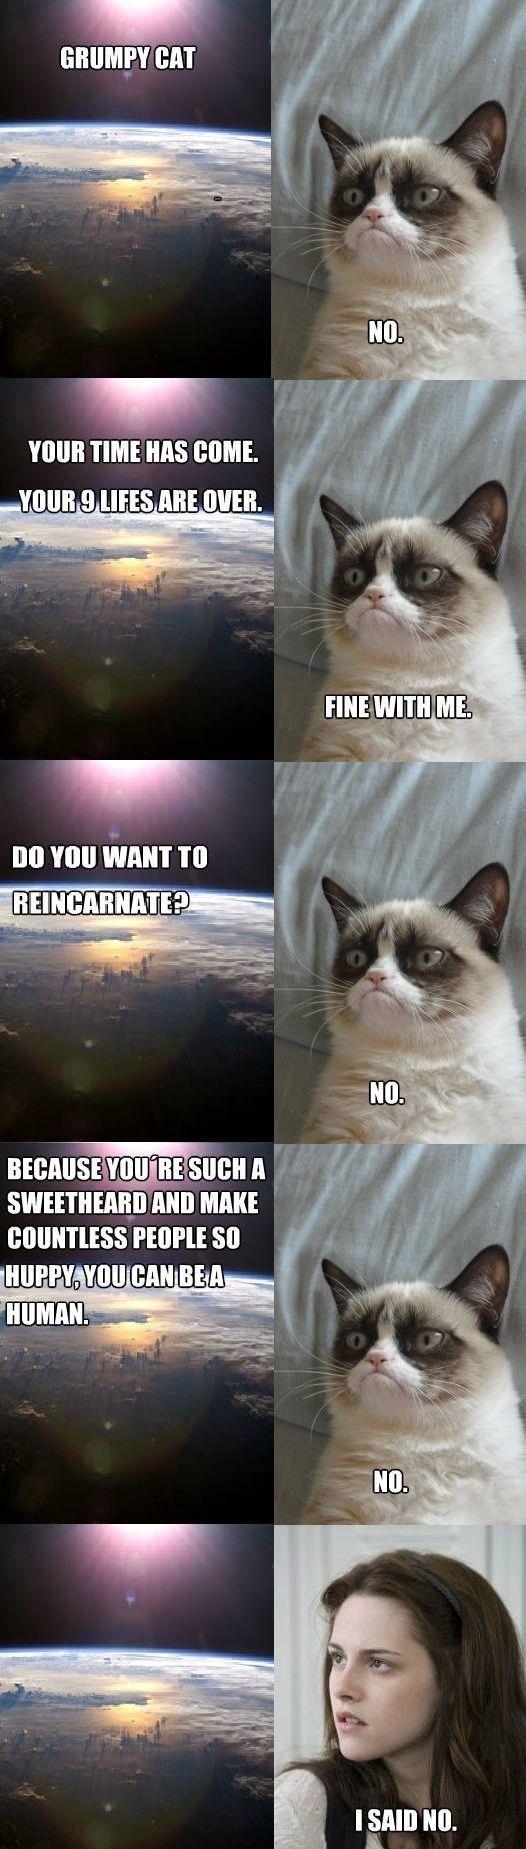 Grumpy cat dies